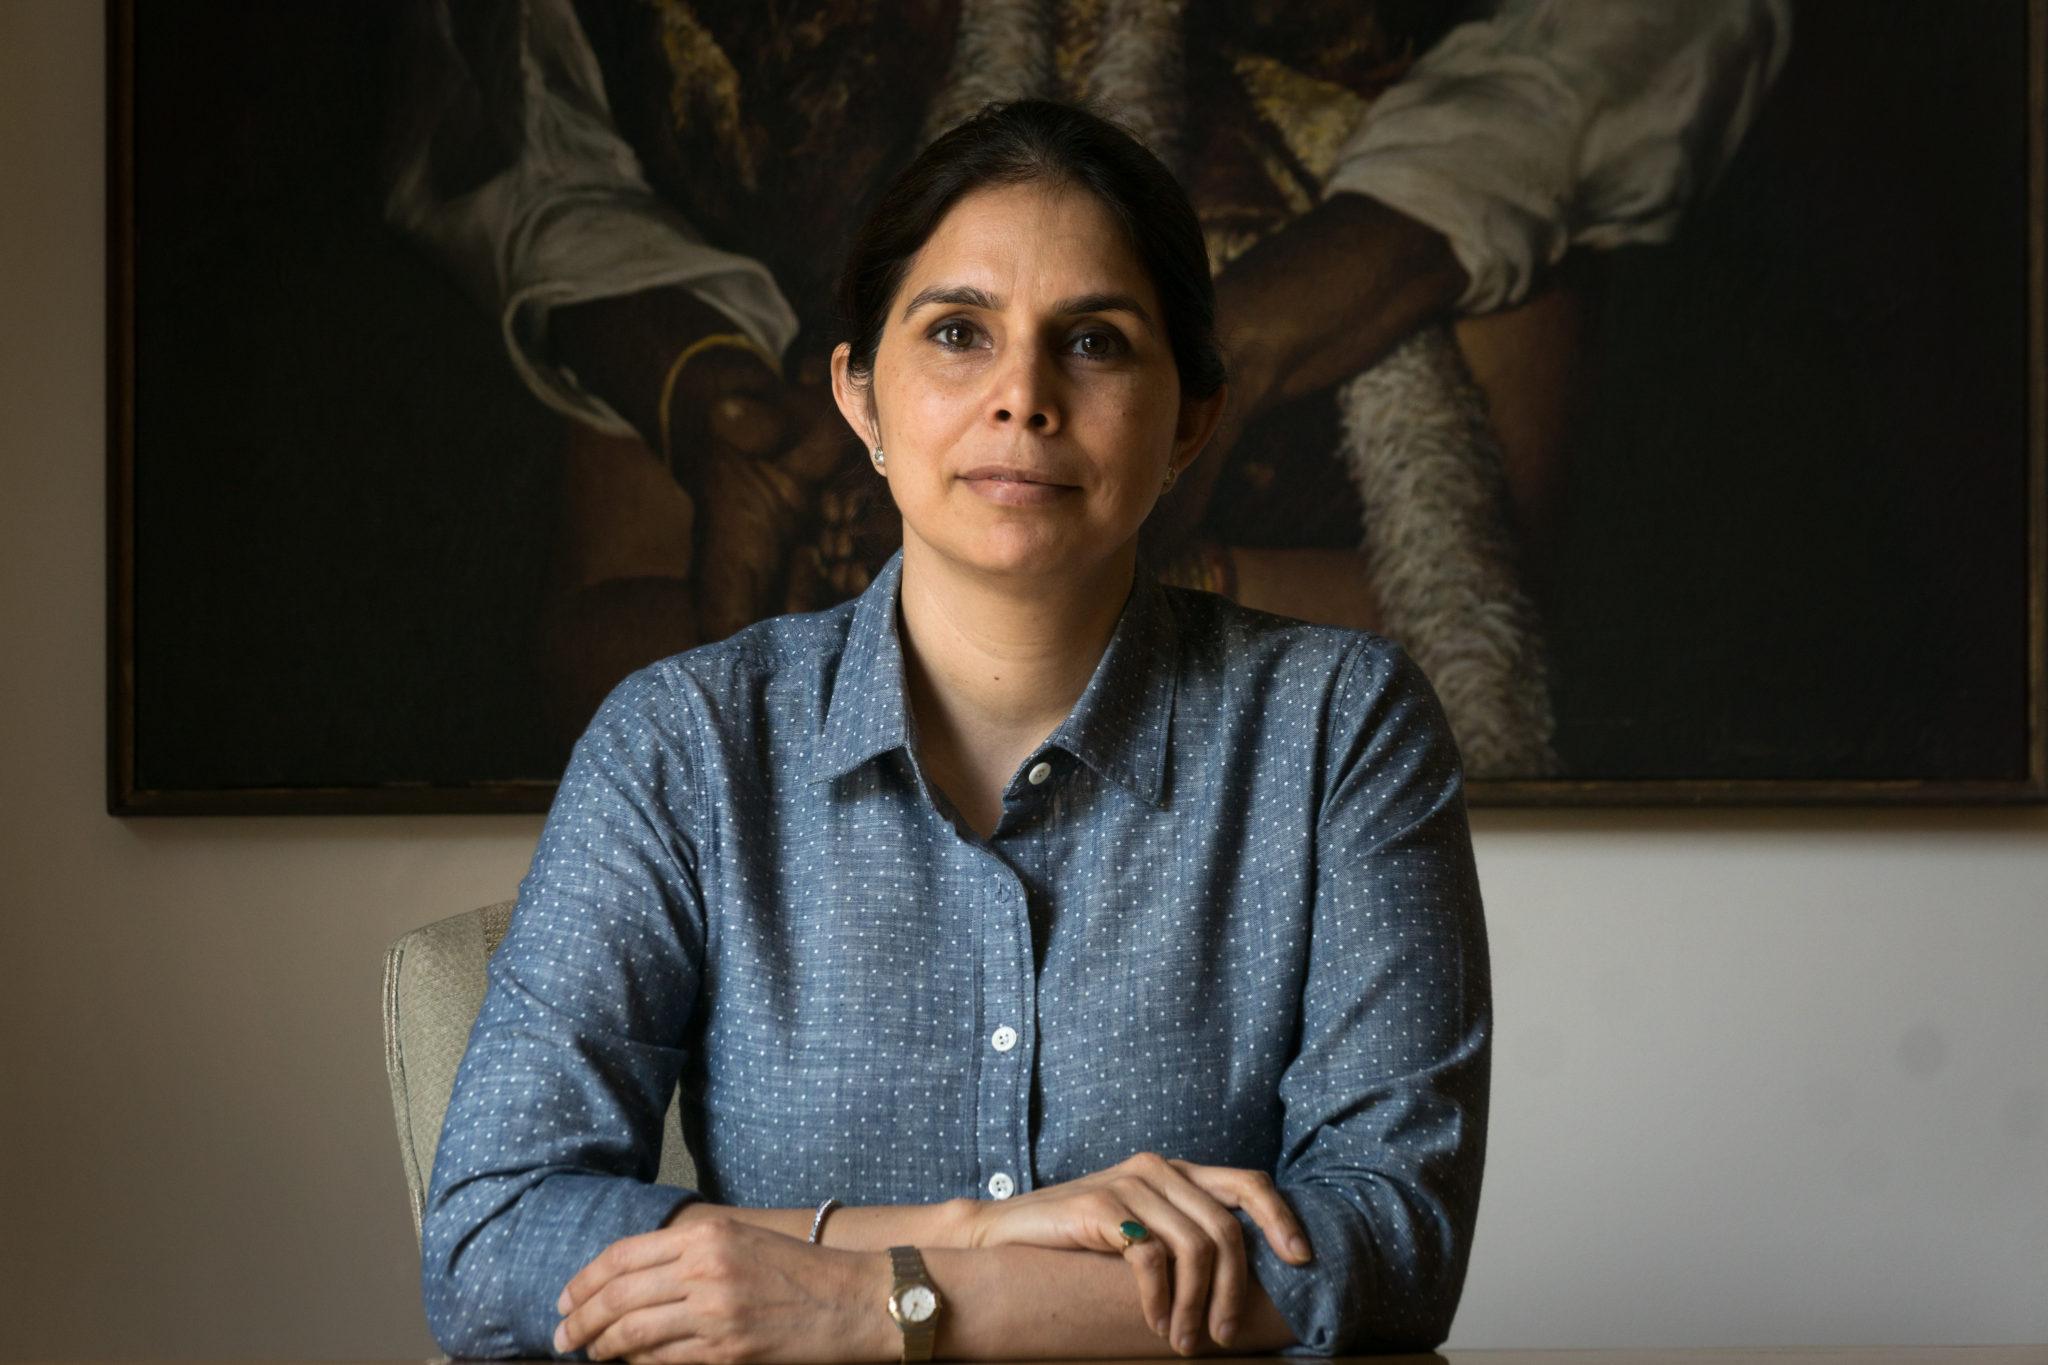 Saru Bhartia